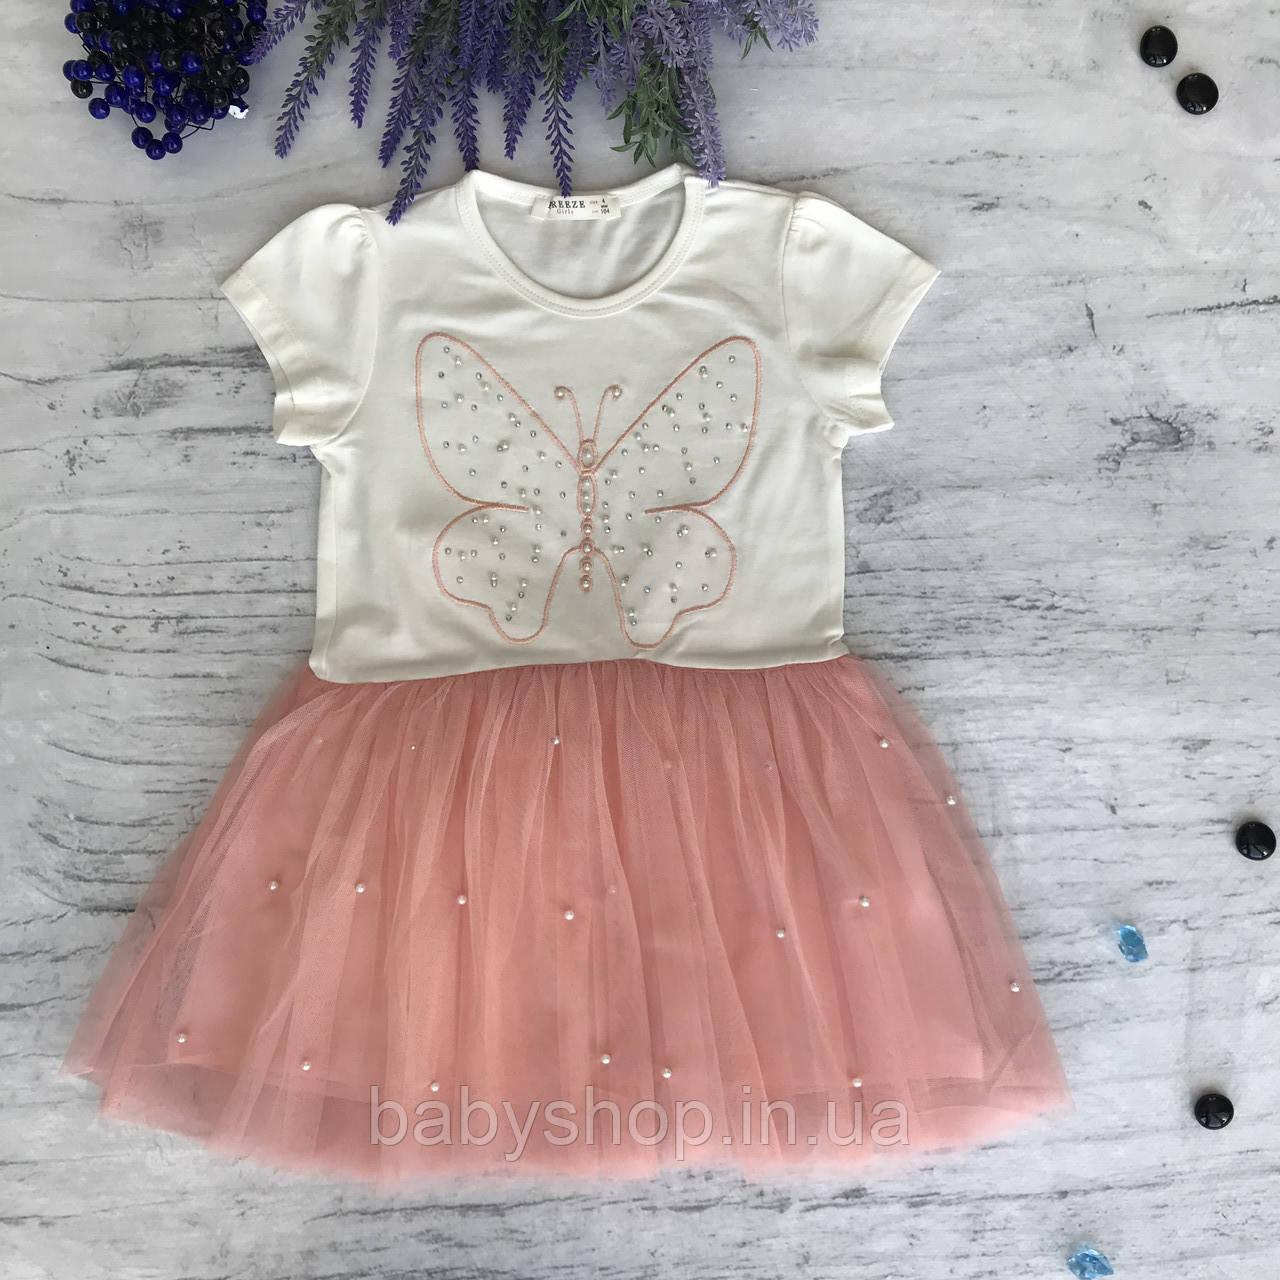 Летнее платье на девочку Breeze 114. Размеры 104 см, 128 см, 134 см